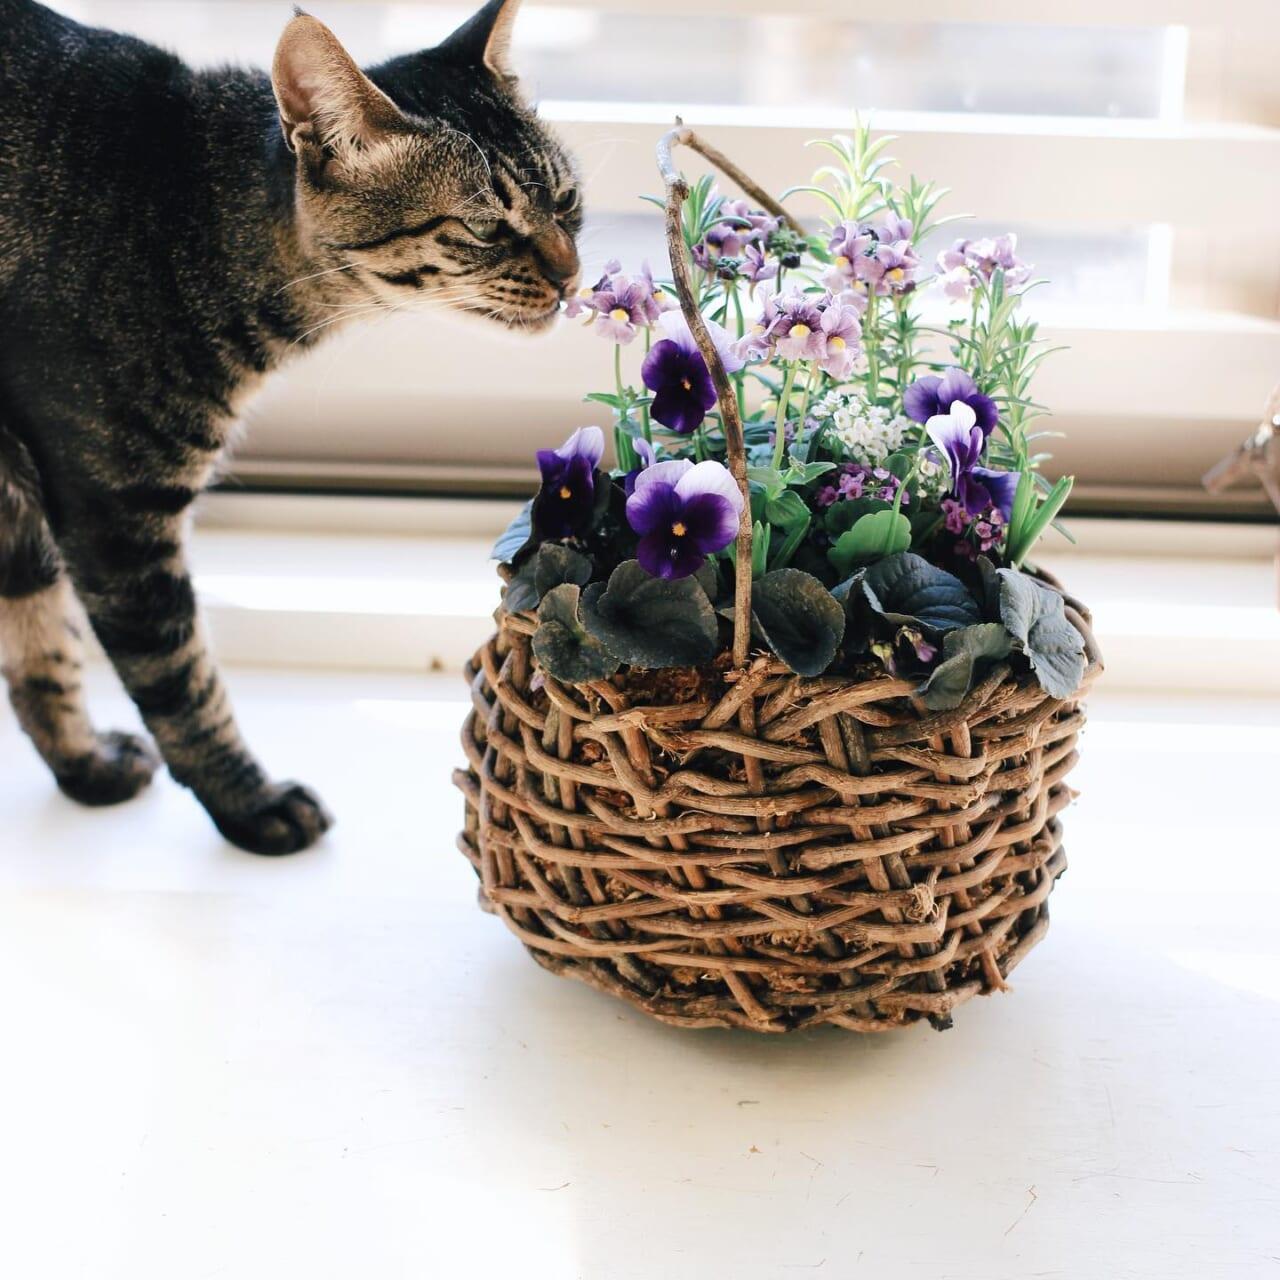 春のお花&球根とローズマリーの寄せ植え寄せ植えできました️最近ずっと裏側だけローズマリーをお見せしていたやつです︎籠は1番不格好に編めた籠でしたがサイズ的には使いやすいです︎ビオラネメシアアリッサムムスカリスノードロップラブラドリカローズマリー球根は隠れるように植え付けしました。咲いてきたときに野原のようになると思います︎#寄せ植え#春の花 #春の寄せ植え#ビオラ#ネメシア#アリッサム#ムスカリ#スノードロップ#ラブラドリカ#ローズマリー#球根#籠#籠編み#ガーデニング#趣味の園芸 #花のある暮らし #花のある生活 #ネコと植物️球根はネコにはダメです♀️#カワウソちゃん 🐈#植物のある暮らし #ハーブのある暮らし #ハーブの寄せ植え#ハーブを暮らしに #植物のある生活 #植物と暮らす#地域猫活動#地域猫の鼻チョビちゃん 支援shopで寄せ植えいかがでしょうか?🤫2021.01.23  #植物がないと生きていけない 